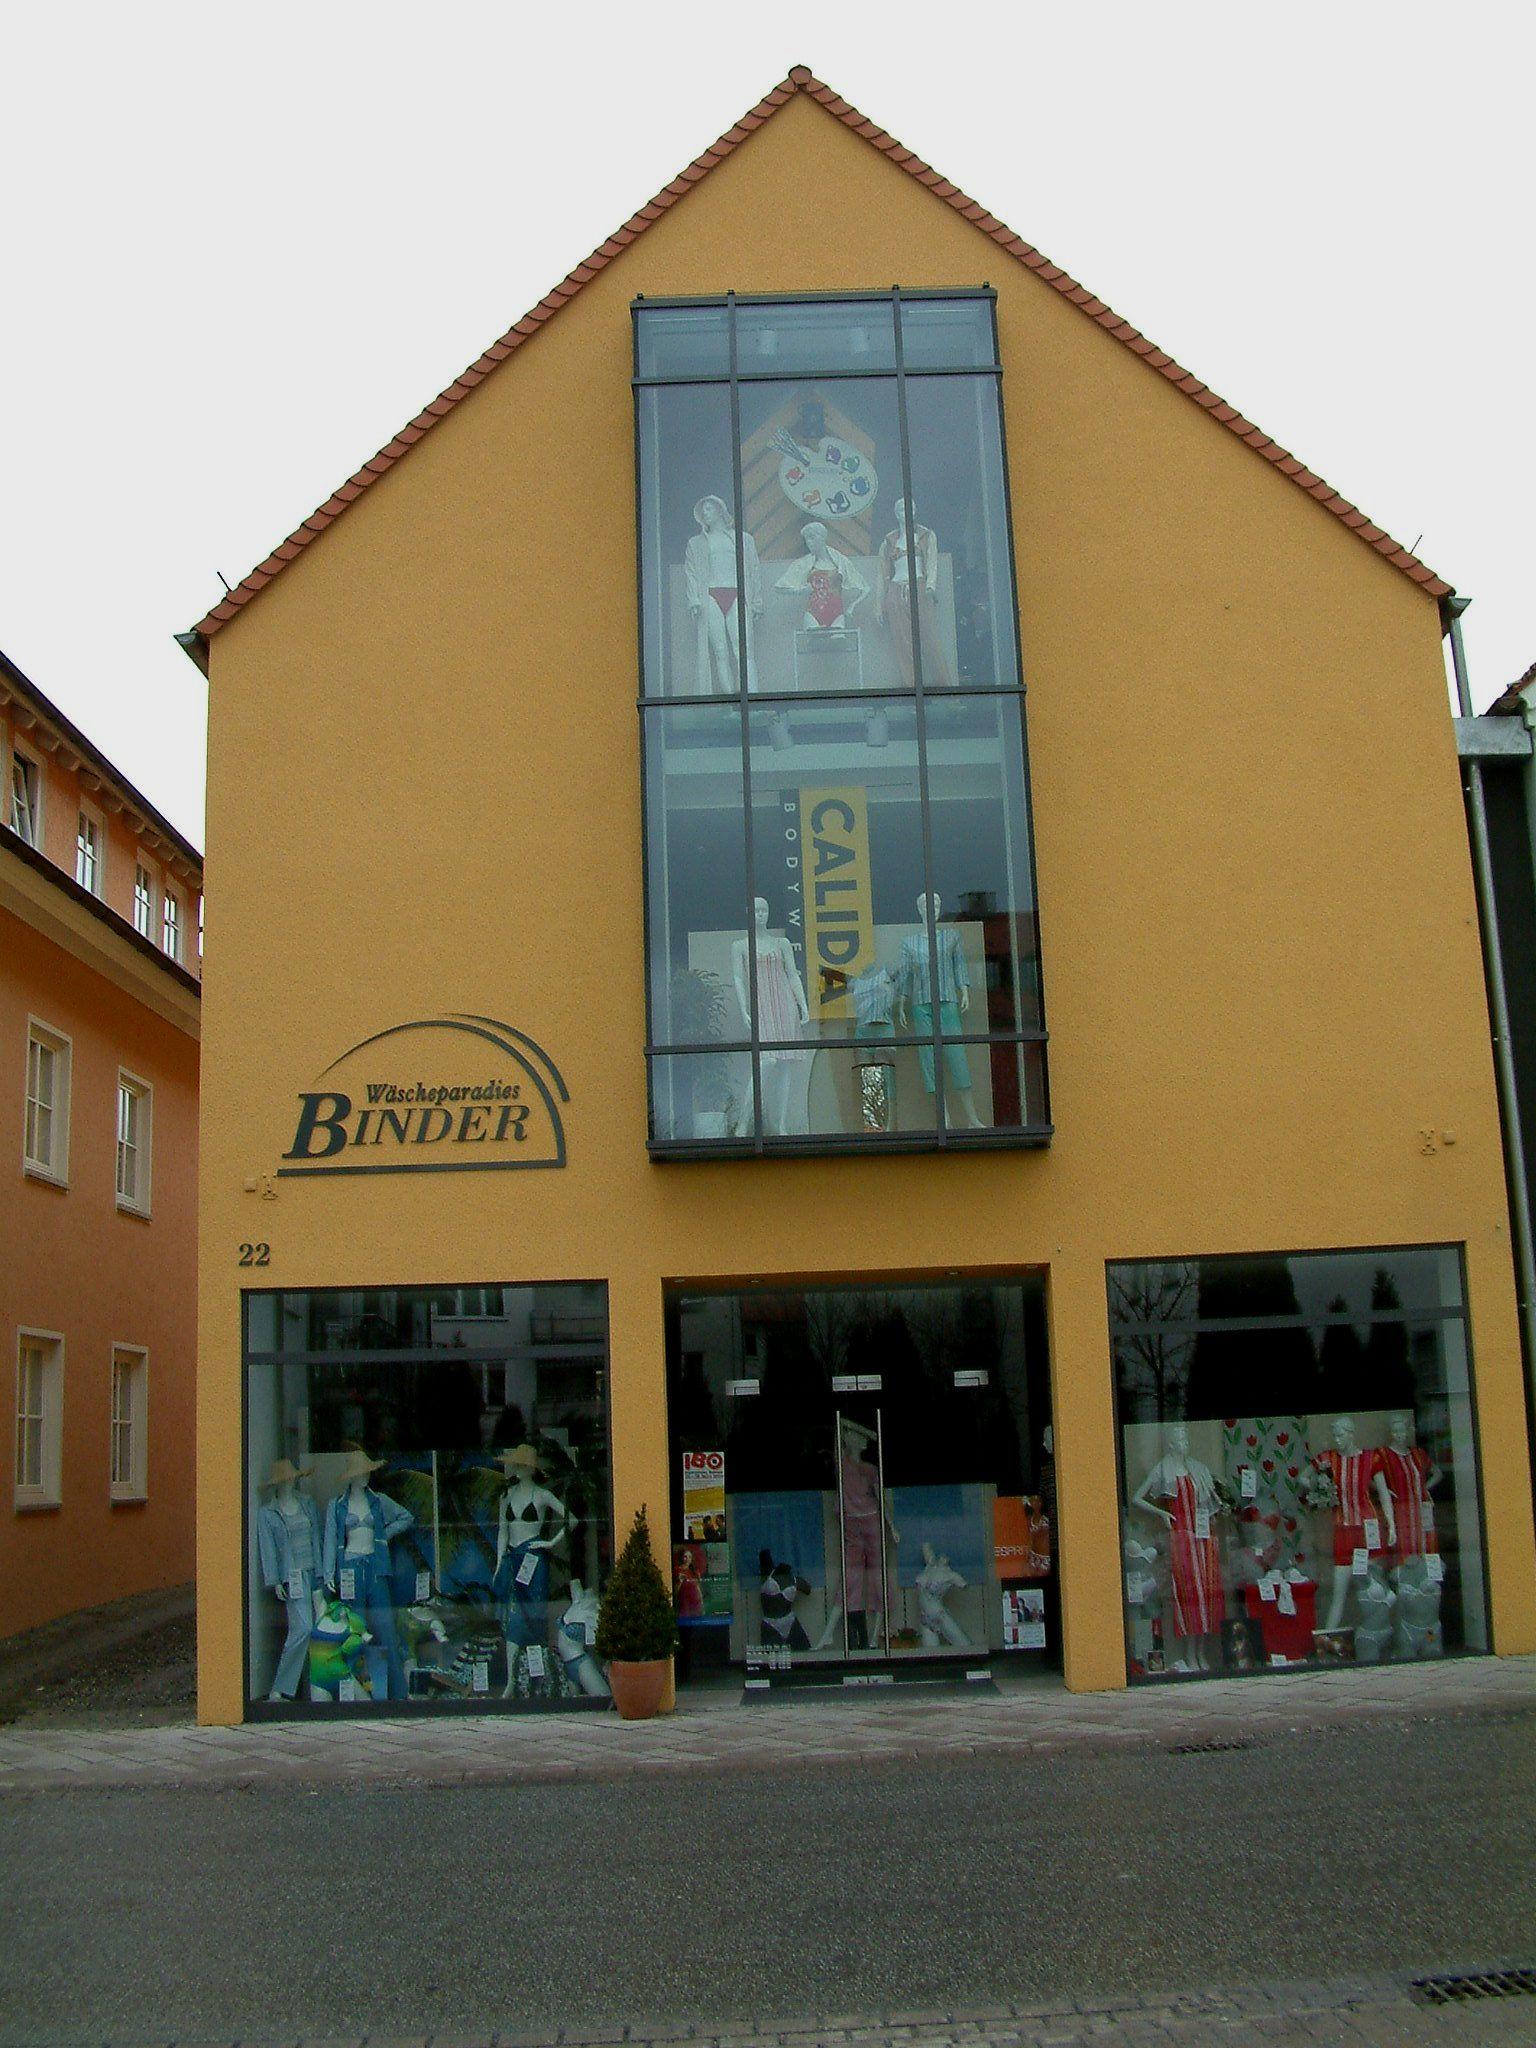 Wäschehaus Binder